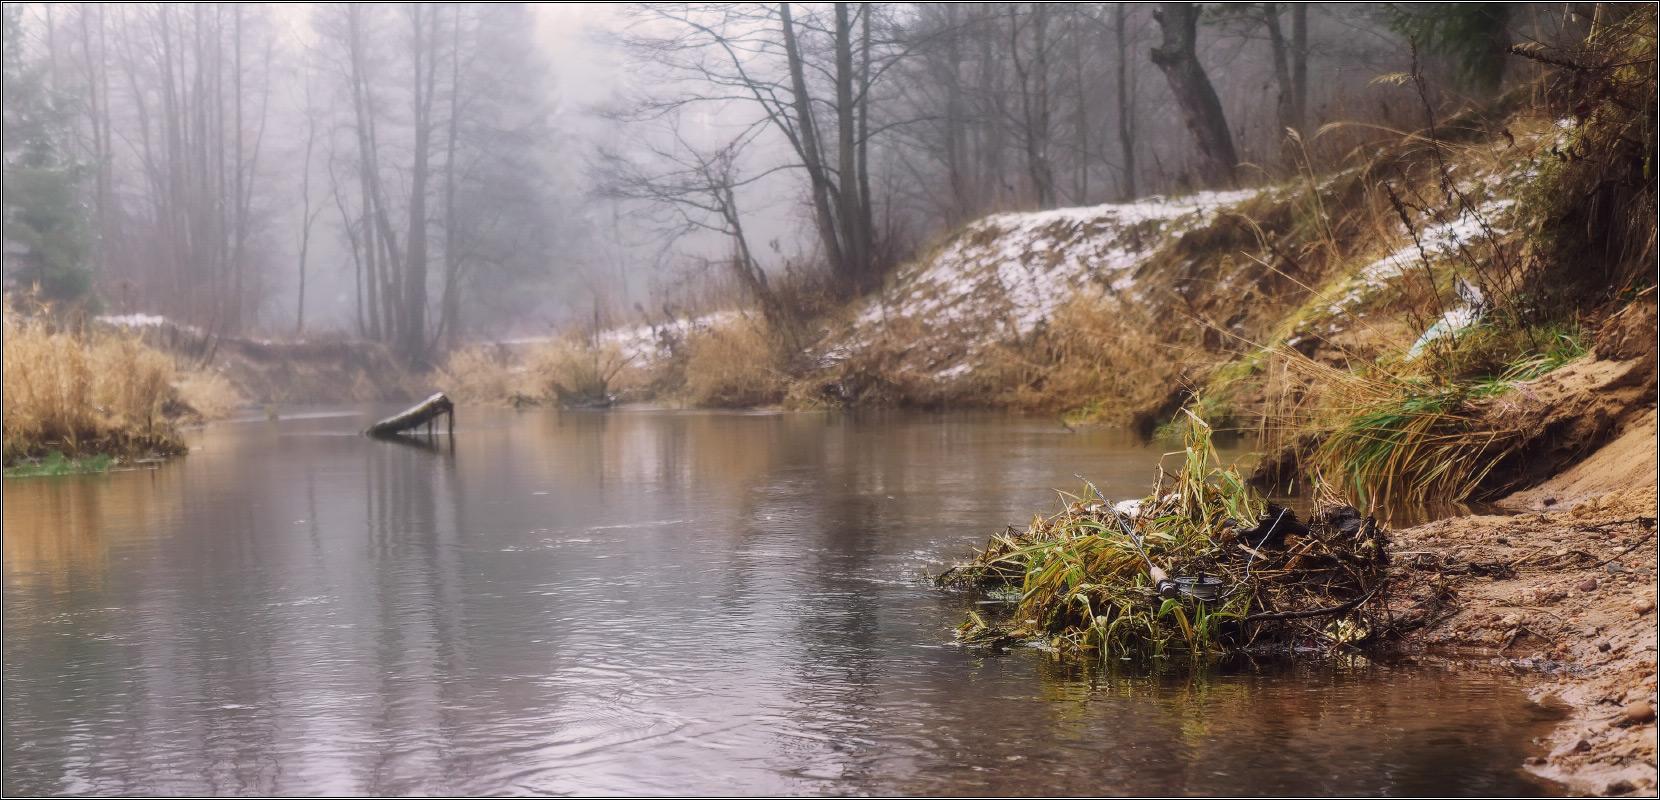 http://i5.imageban.ru/out/2012/11/25/94c52139e170750c4ddc869053919224.jpg